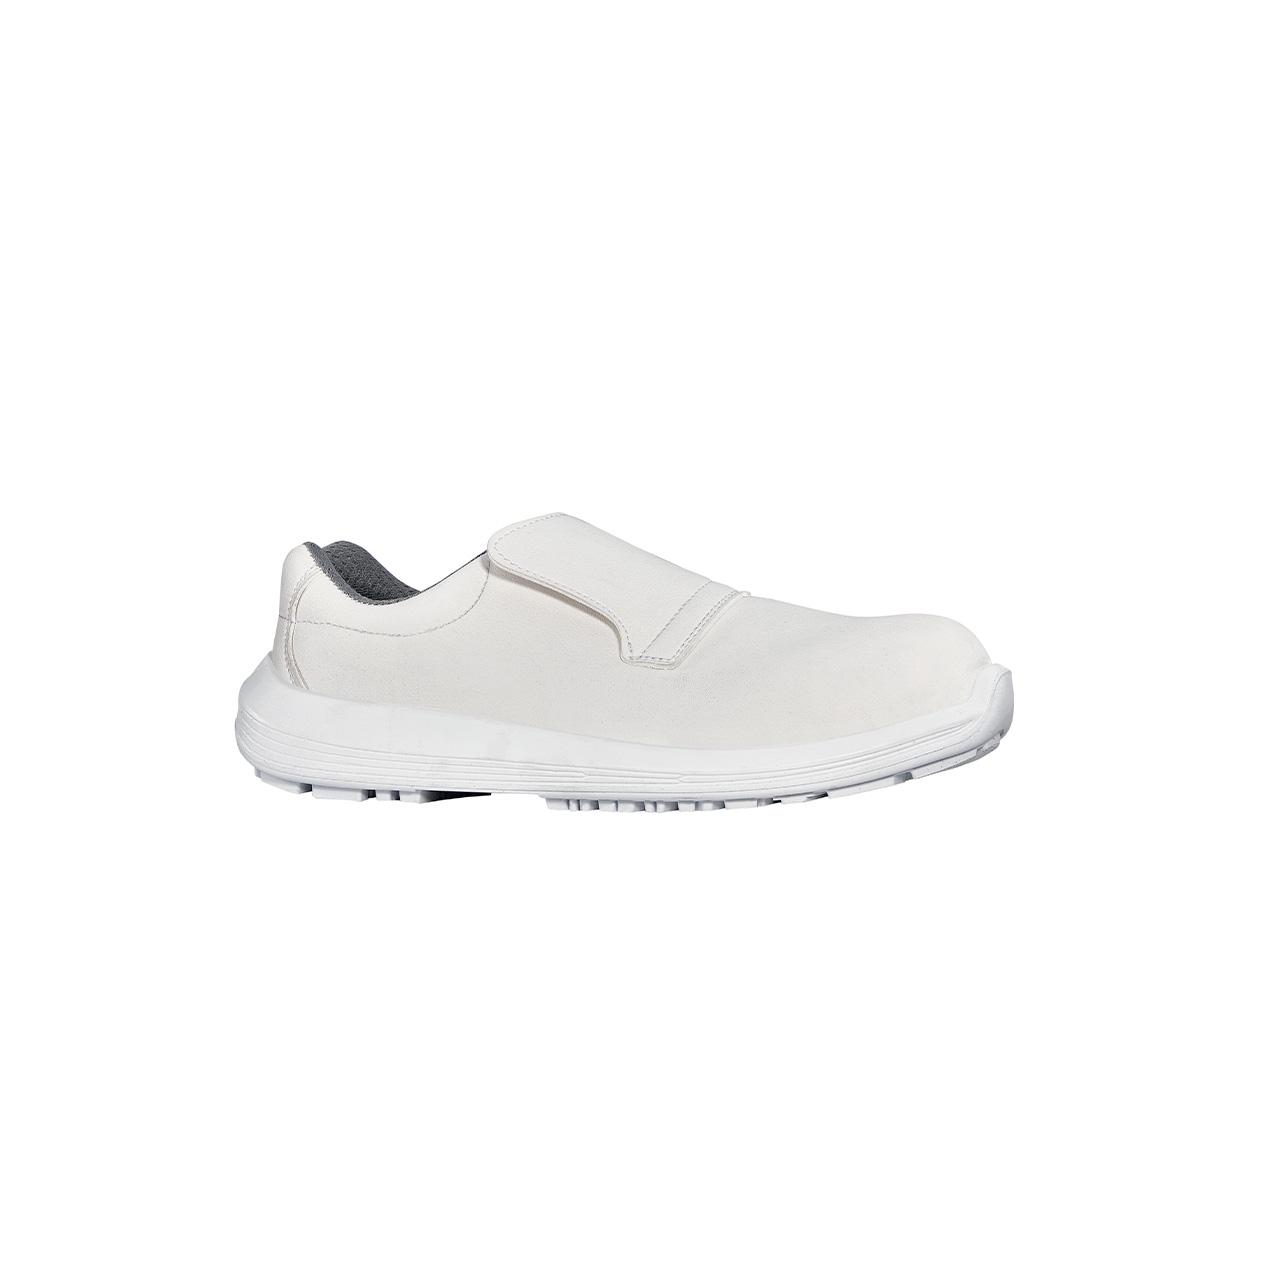 scarpa antinfortunistica upower modello nurse grip linea white68&black vista laterale